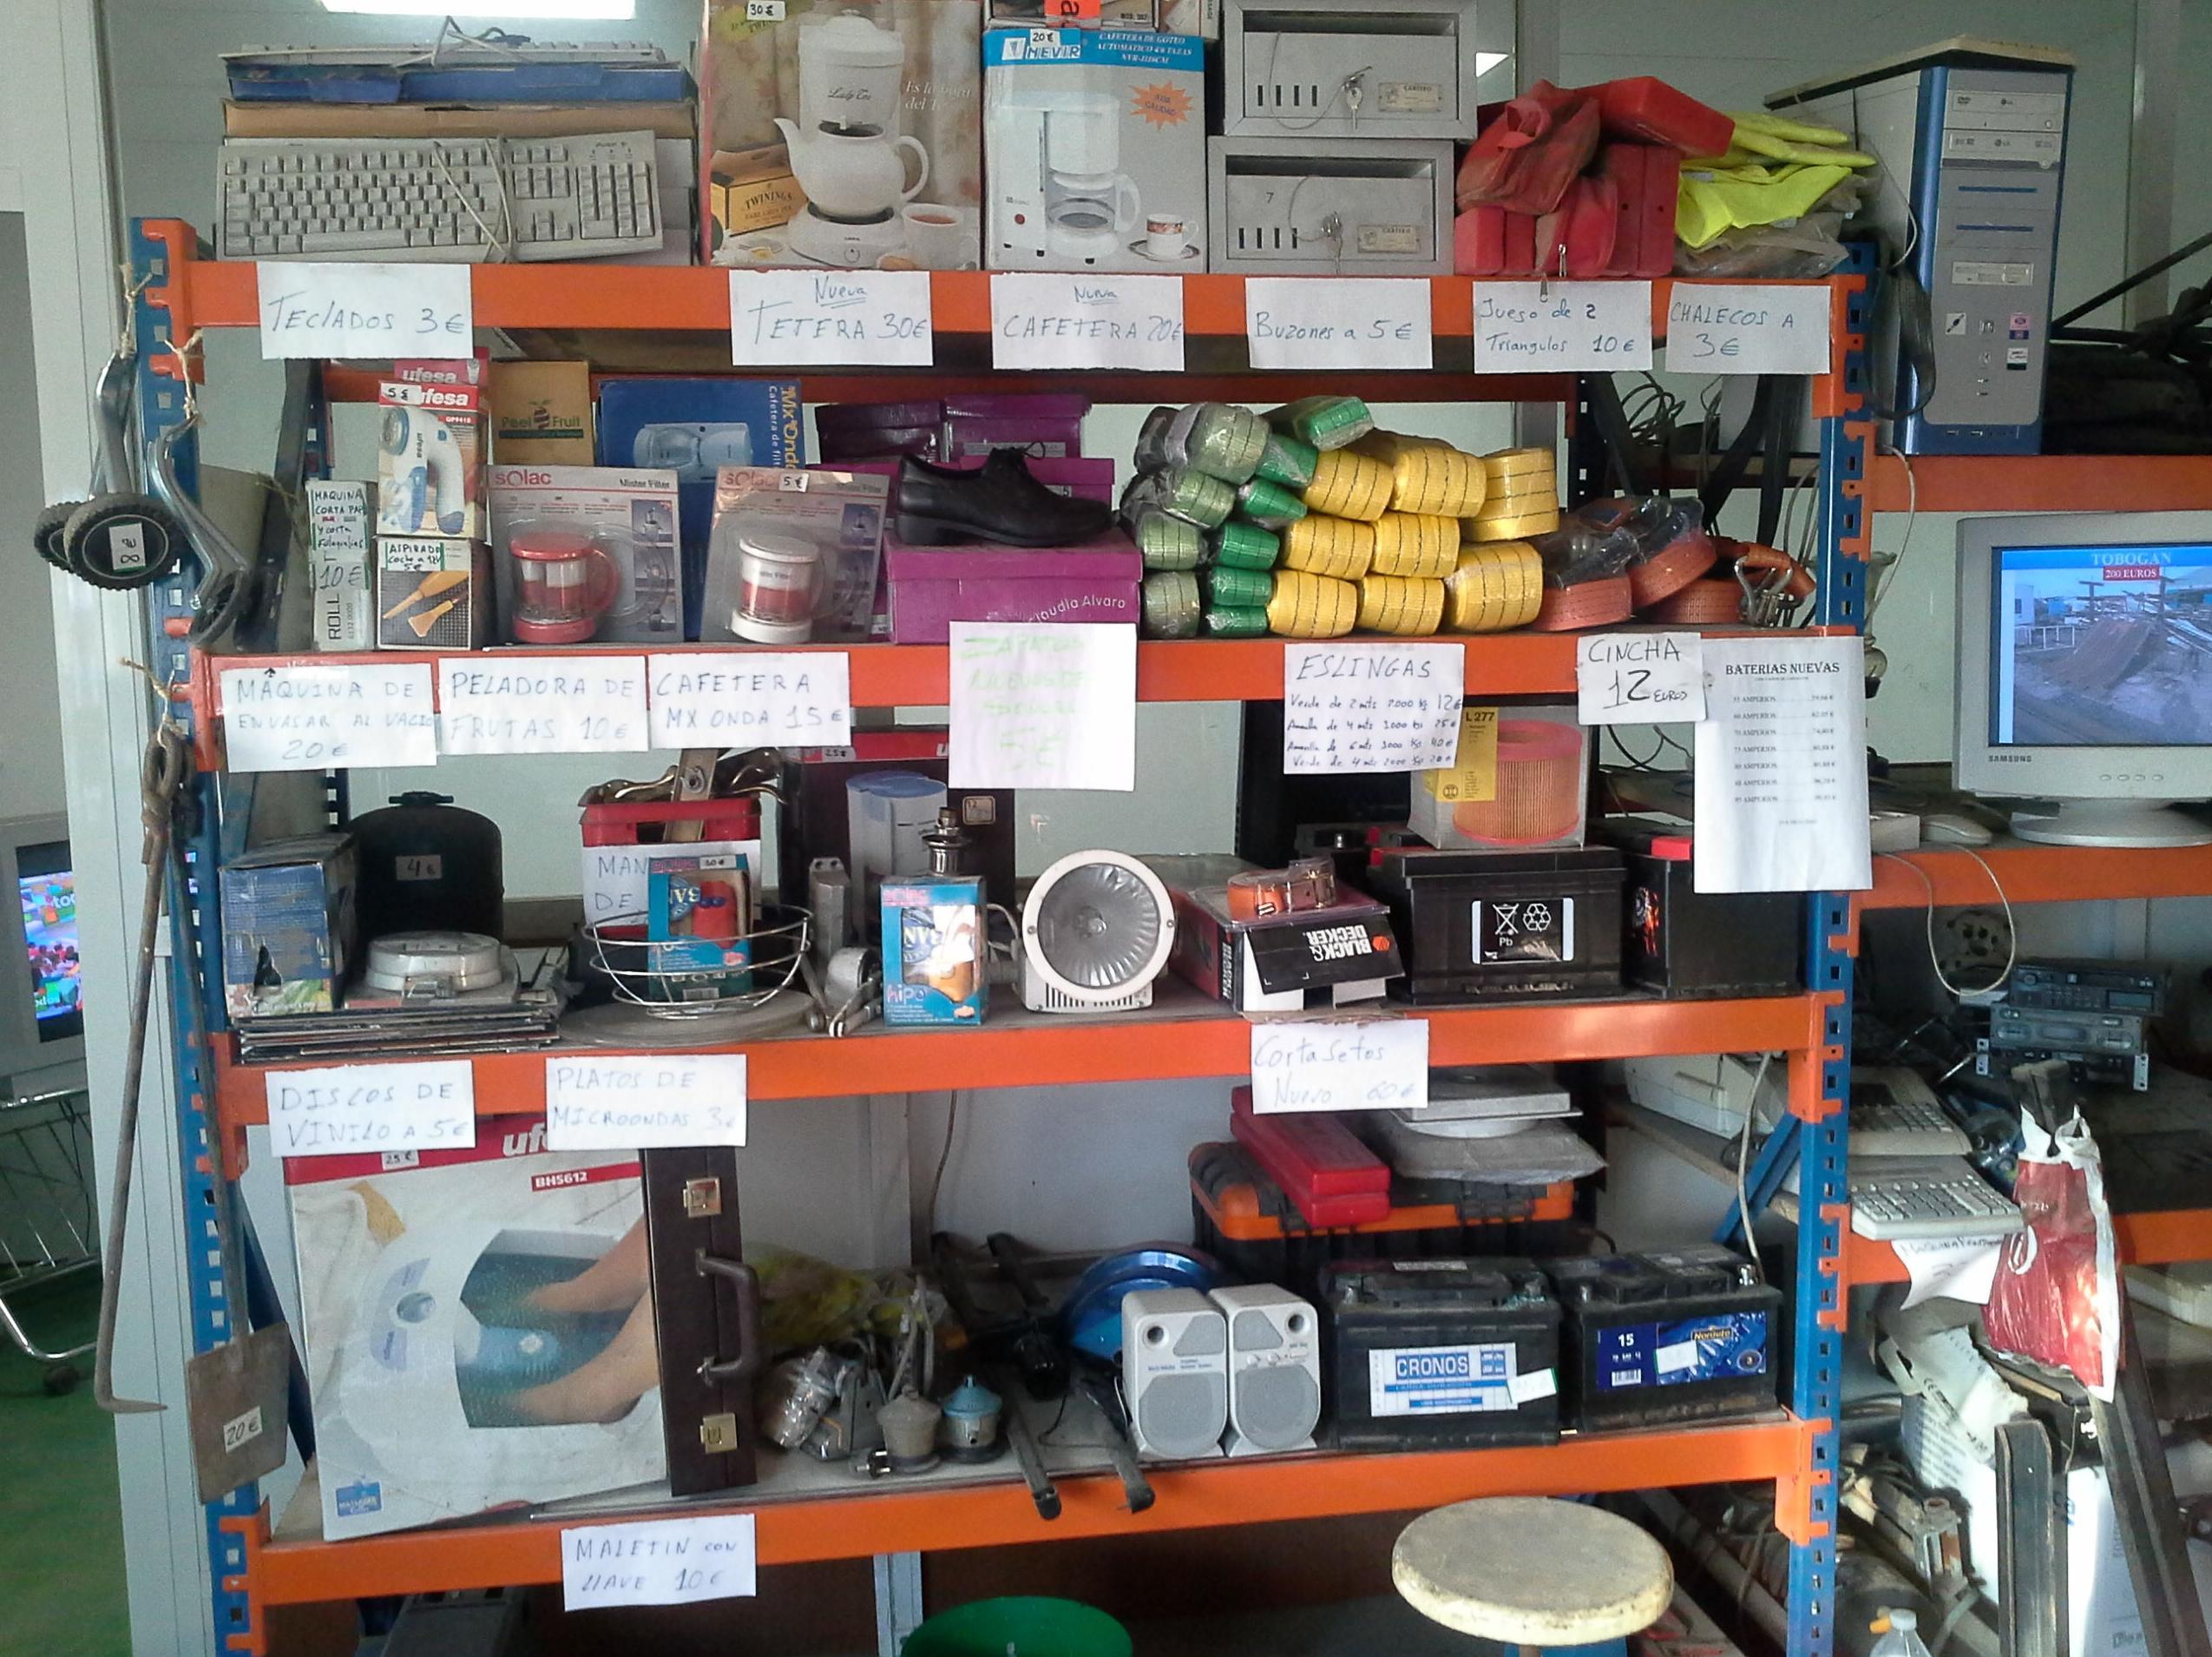 Venta de objetos nuevos y usados de ocasion en Chatarras Clemente de Albacete